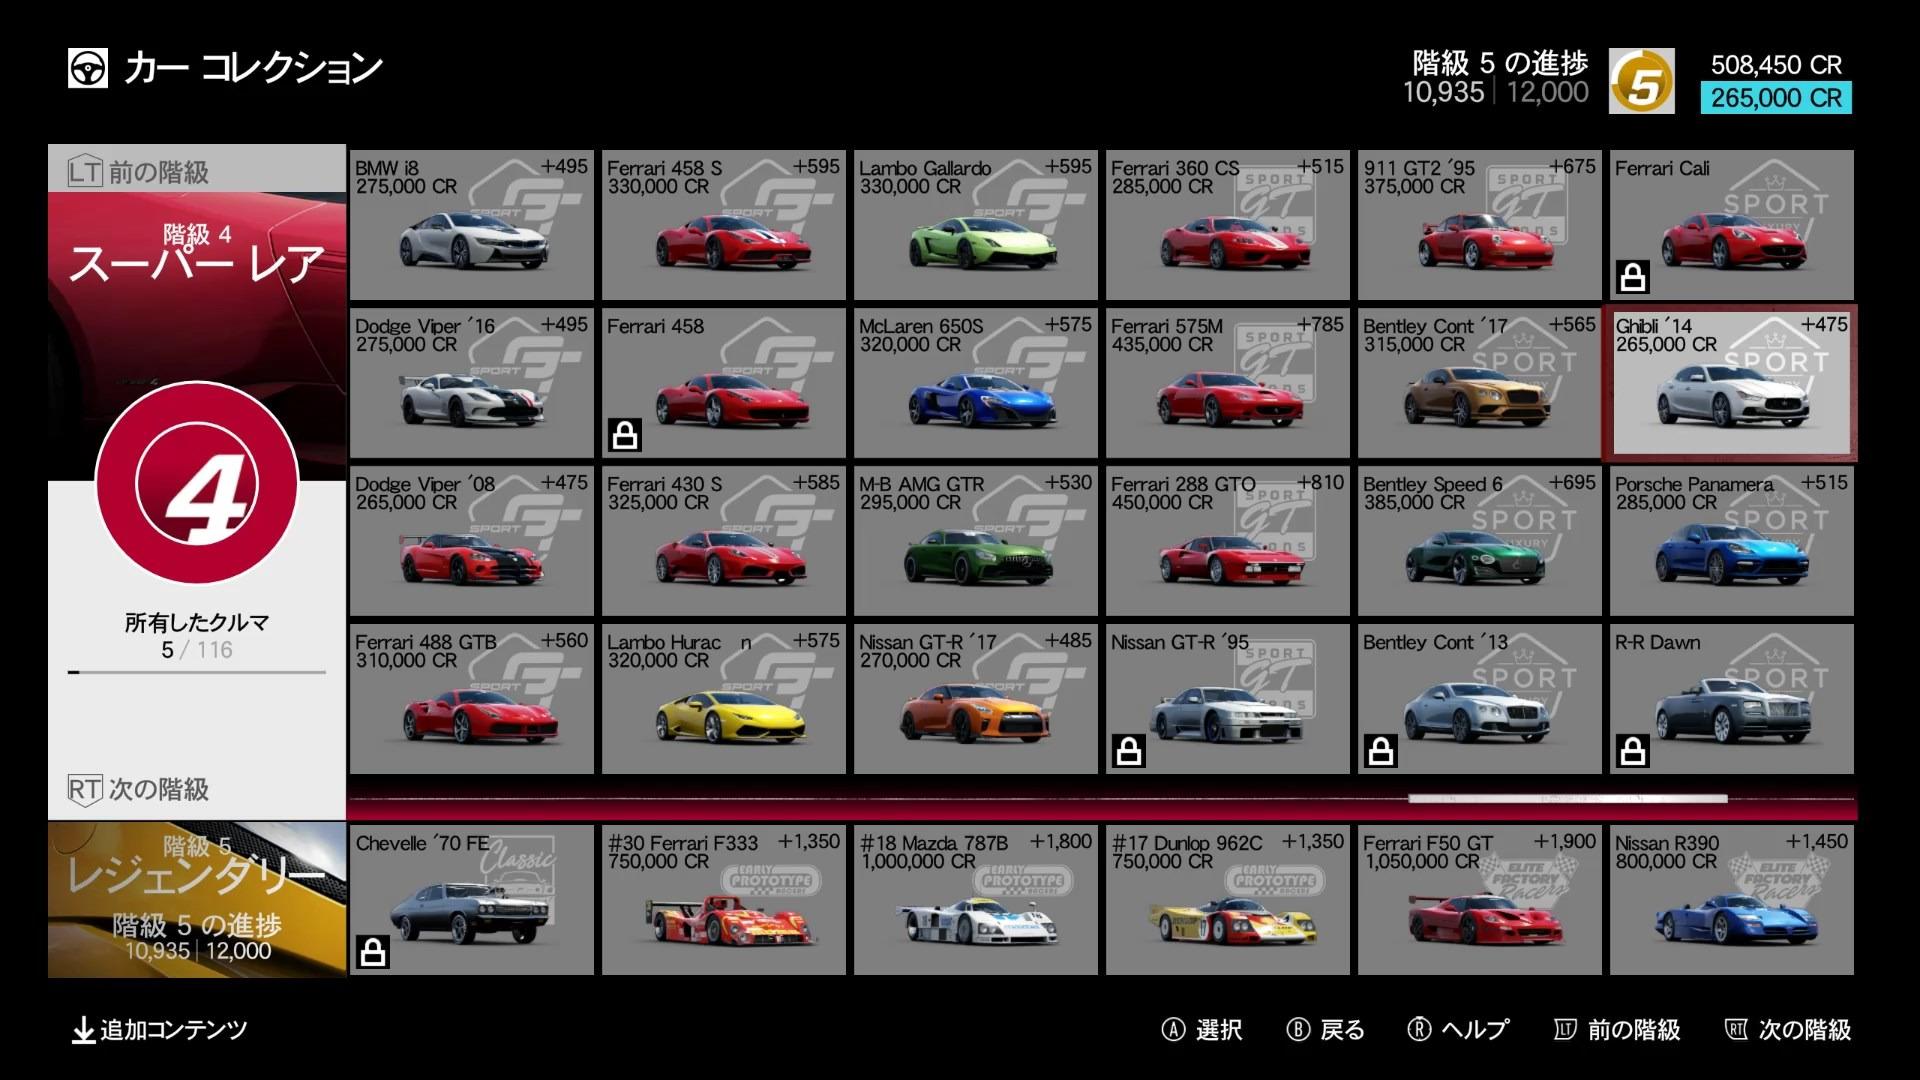 レア度で分類されたカーコレクション。その数はまさに膨大